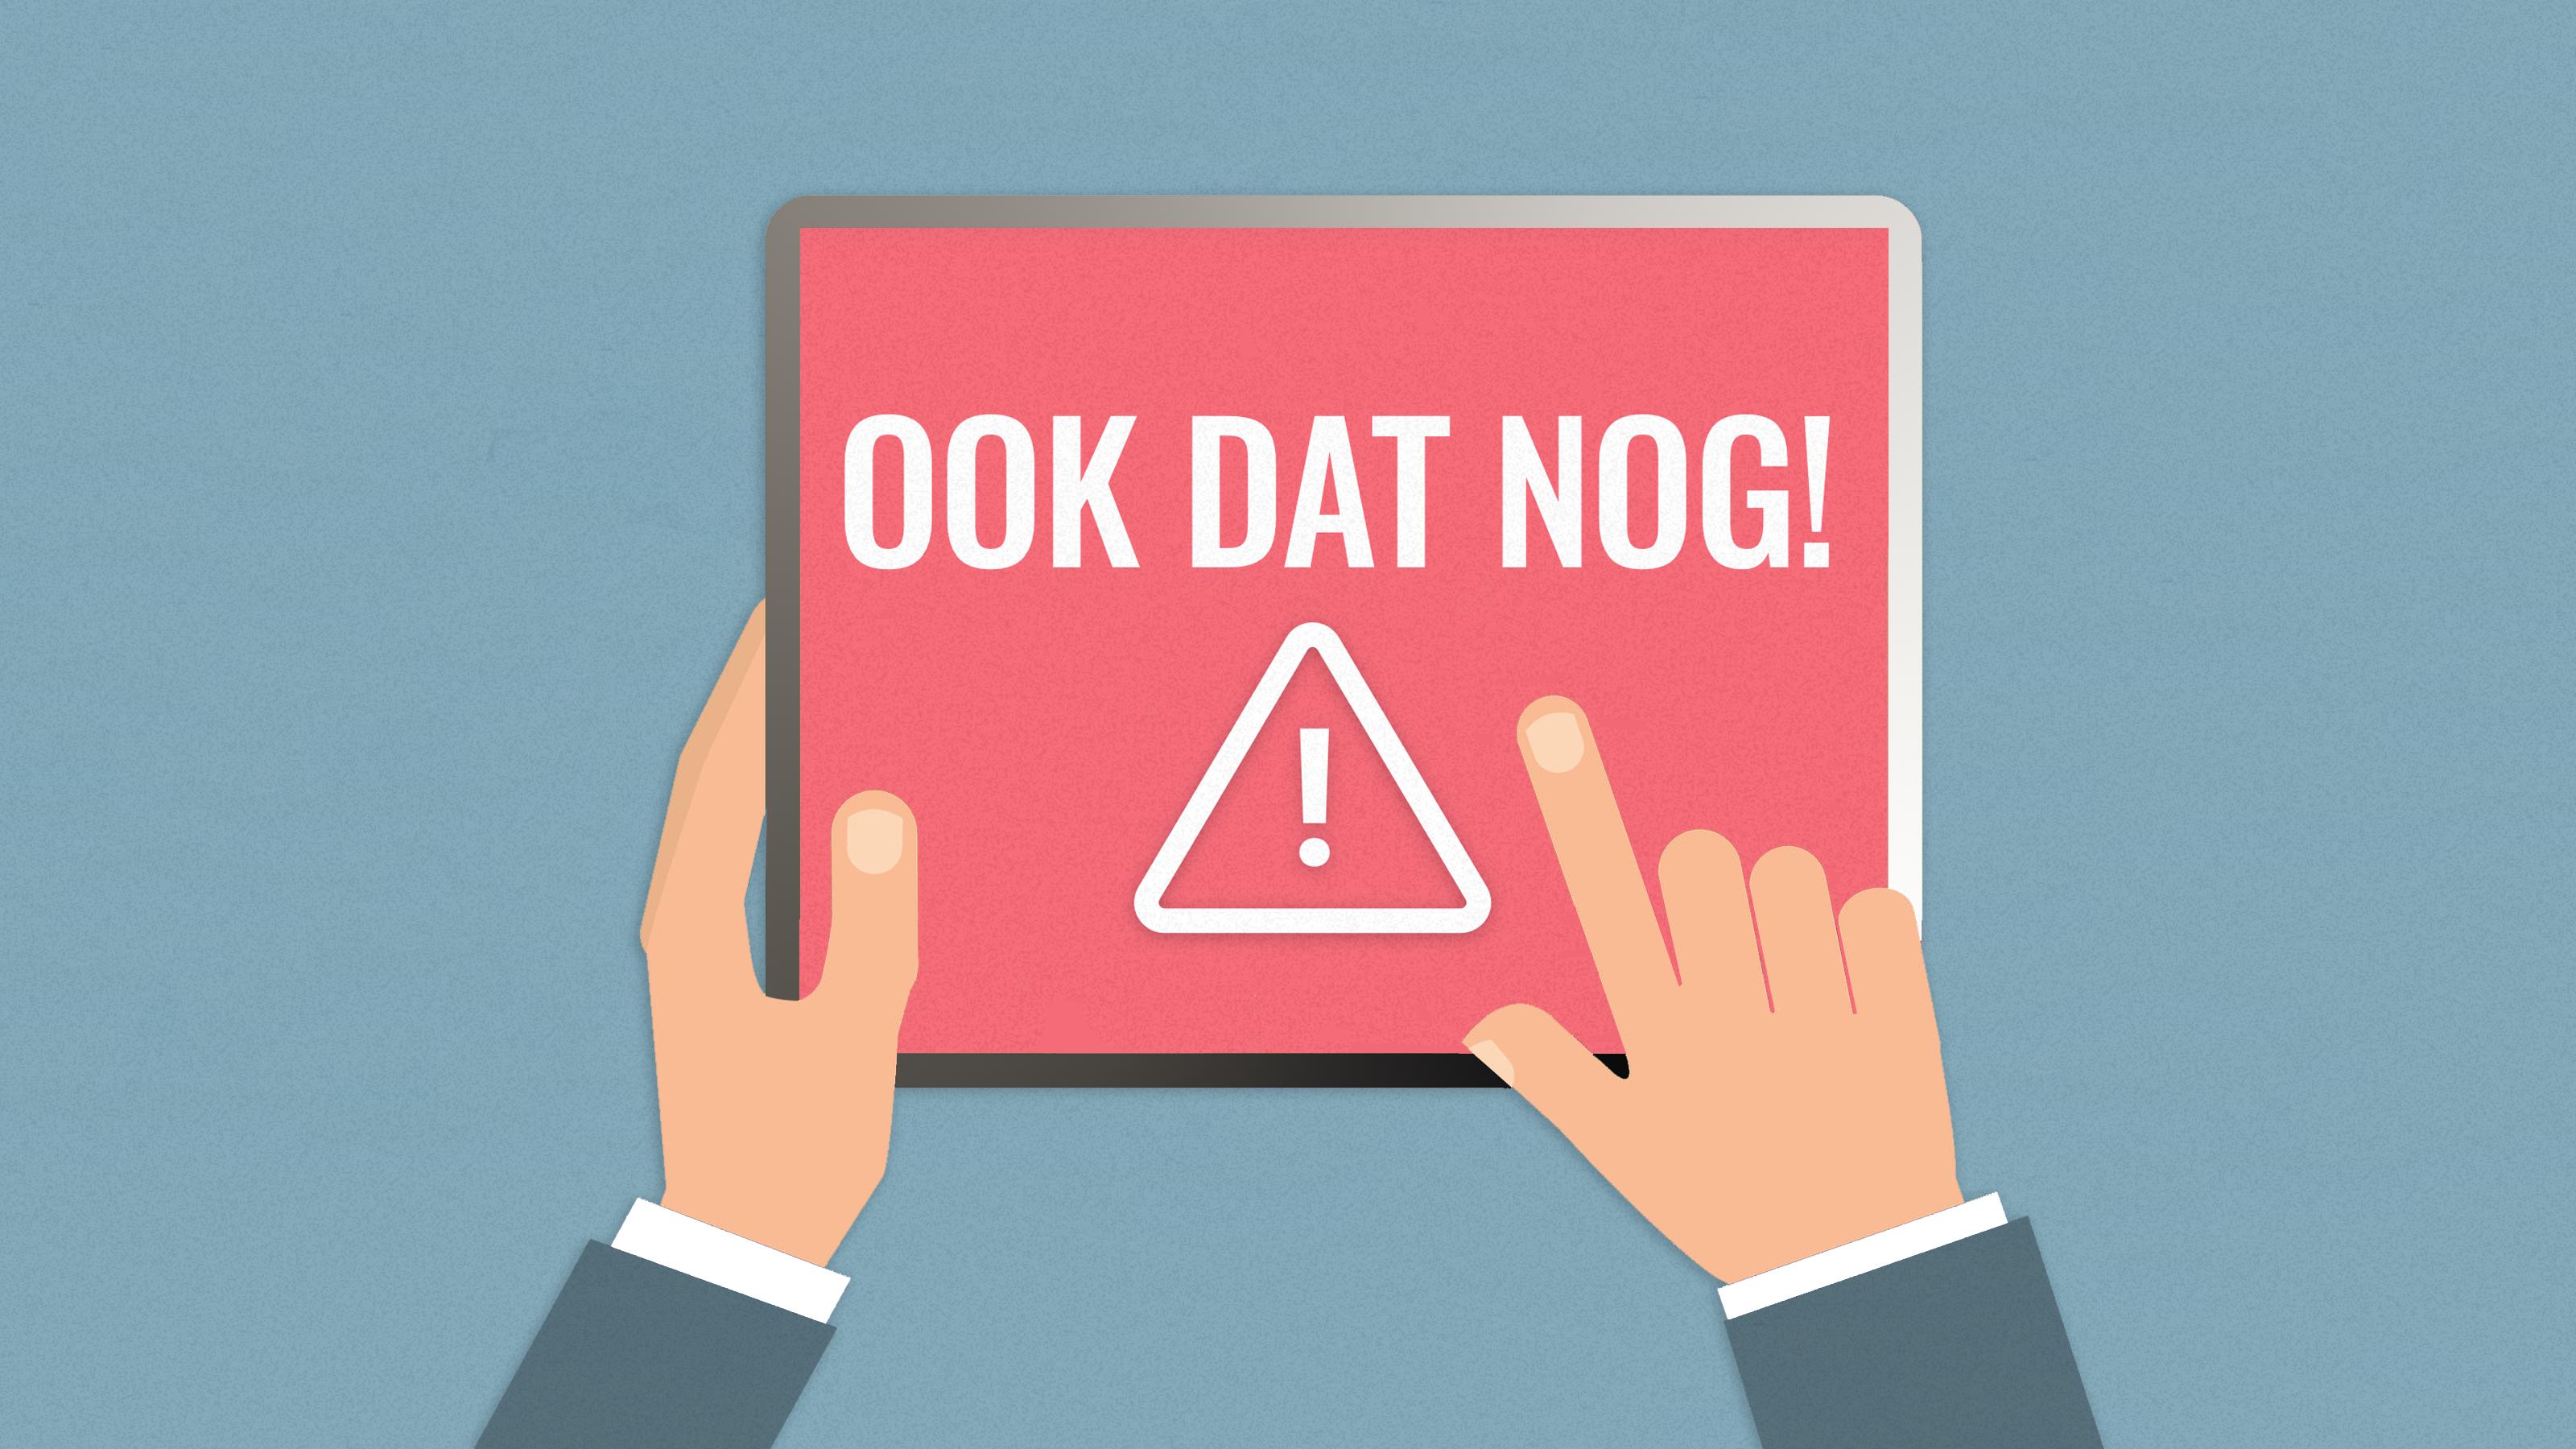 Jan Smit uit Dirkshorn sluit extreem slechte dagdeal